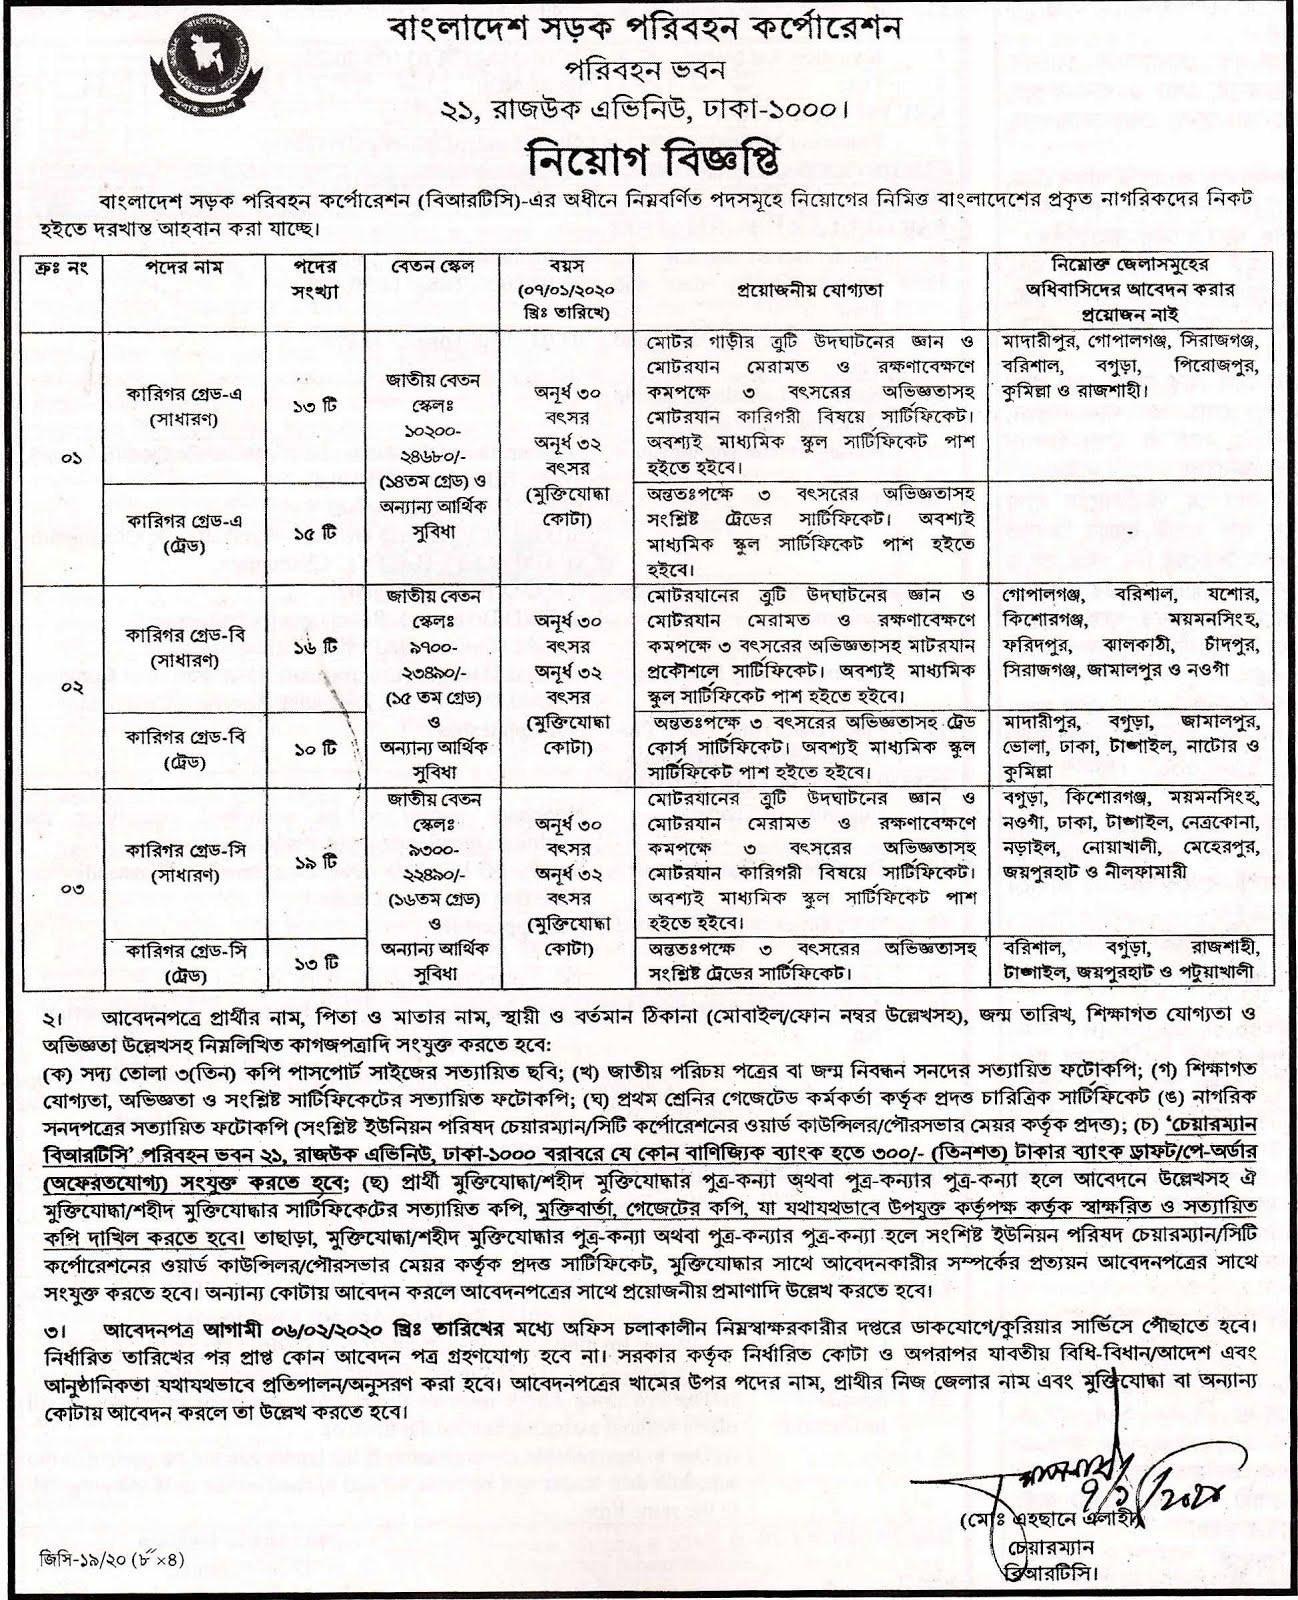 বাংলাদেশ সড়ক পরিবহন (বিআরটিসি) নিয়োগ বিজ্ঞপ্তি ২০২০ - Bangladesh Road Transport Corporation job circular 2020